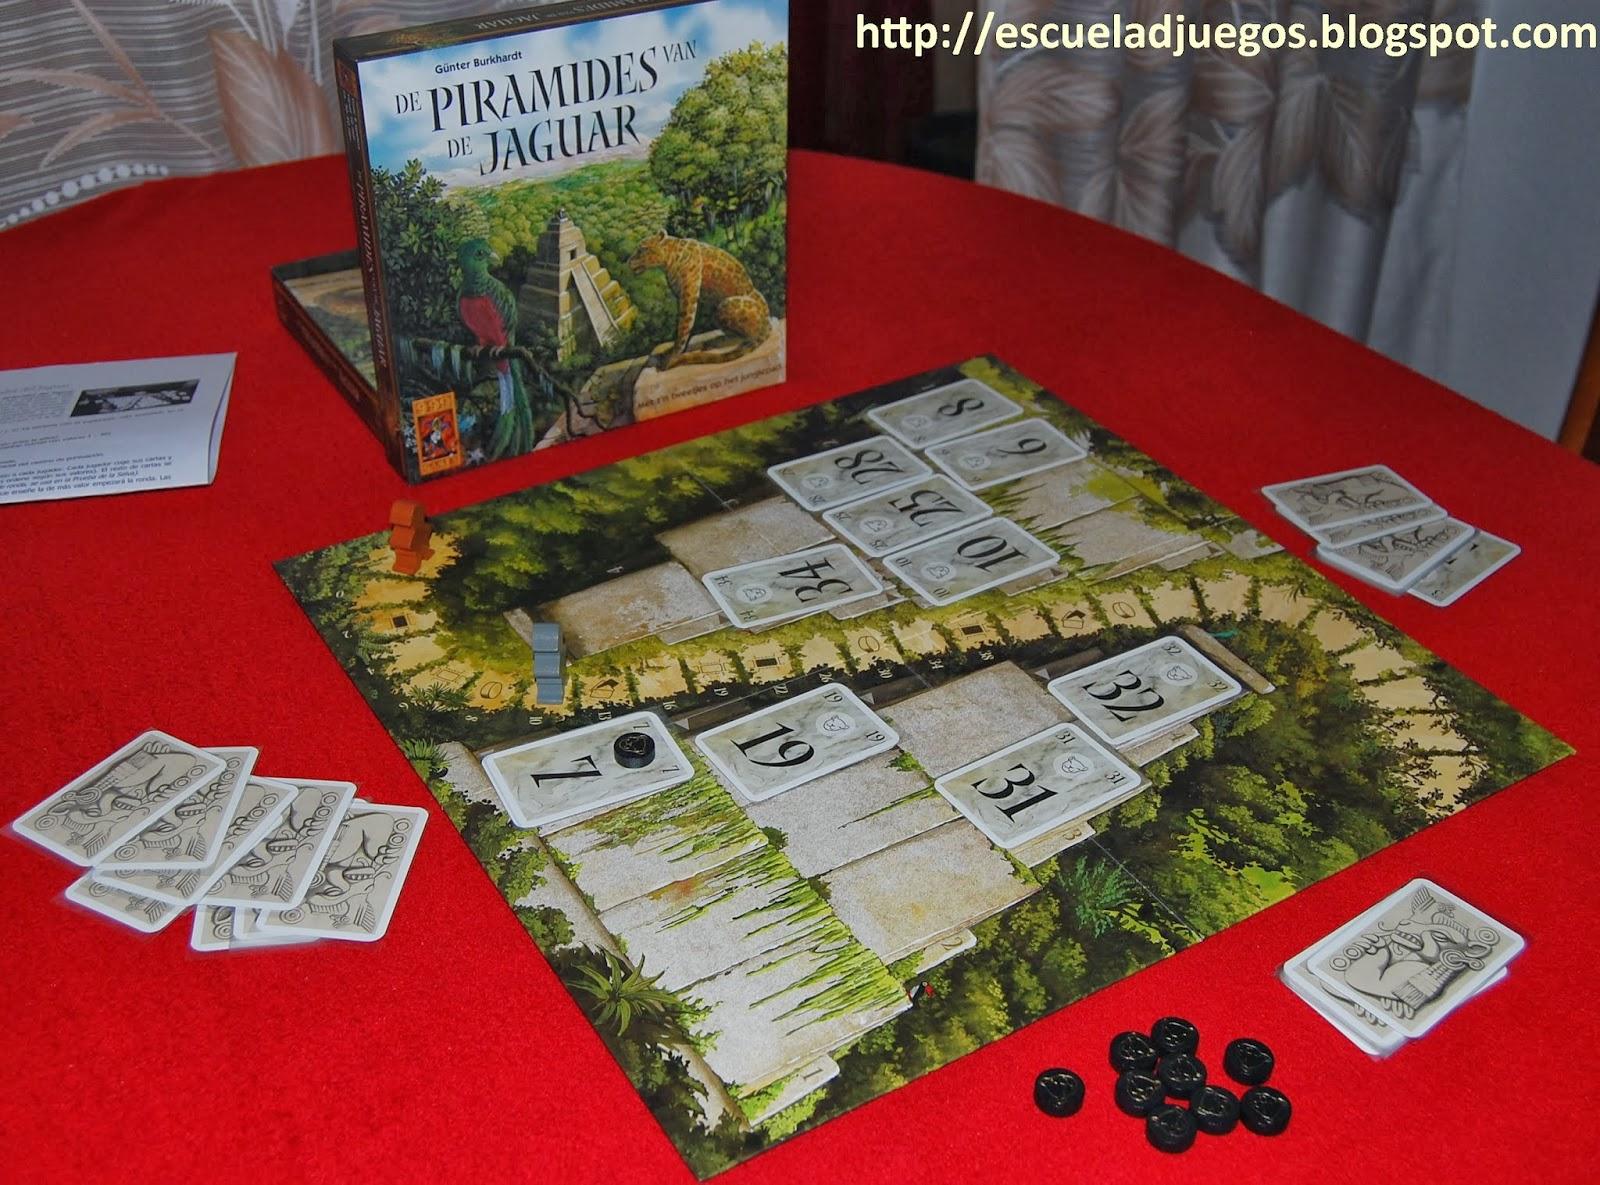 Reseña de De Piramides van de Jaguar o Las pirámides del Jaguar en castellano, juego de mesa para dos jugadores de 999 games